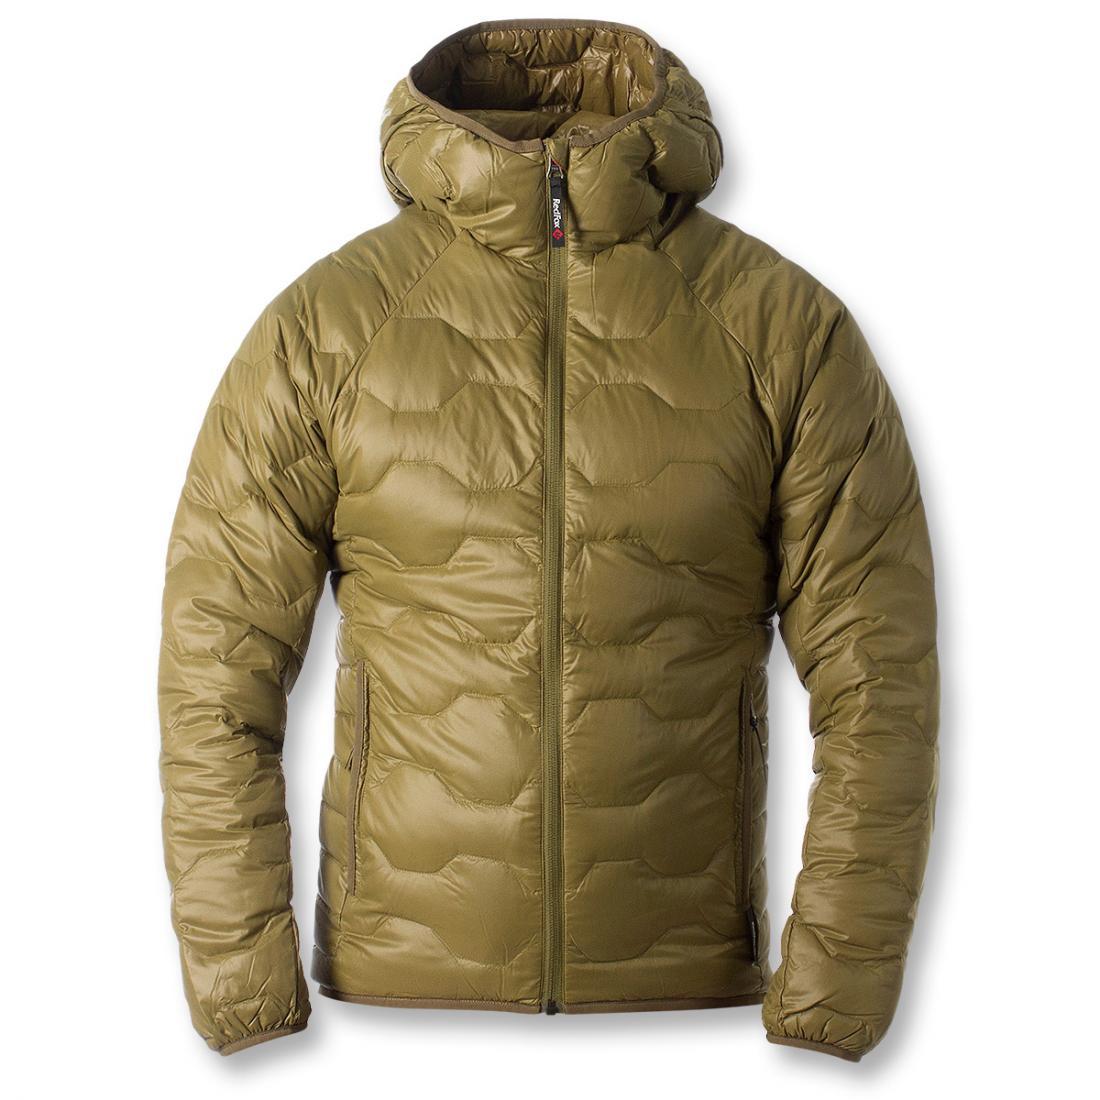 Куртка пухова Belite III МужскаКуртки<br><br> Легка пухова куртка с лементами спортивного дизайна. Соотношение малого веса и высоких тепловых свойств позволет двигатьс активно в течении всего дн. Может быть надета как на тонкий нижний слой, так и на объемное изделие второго сло.<br><br>...<br><br>Цвет: Зеленый<br>Размер: 46